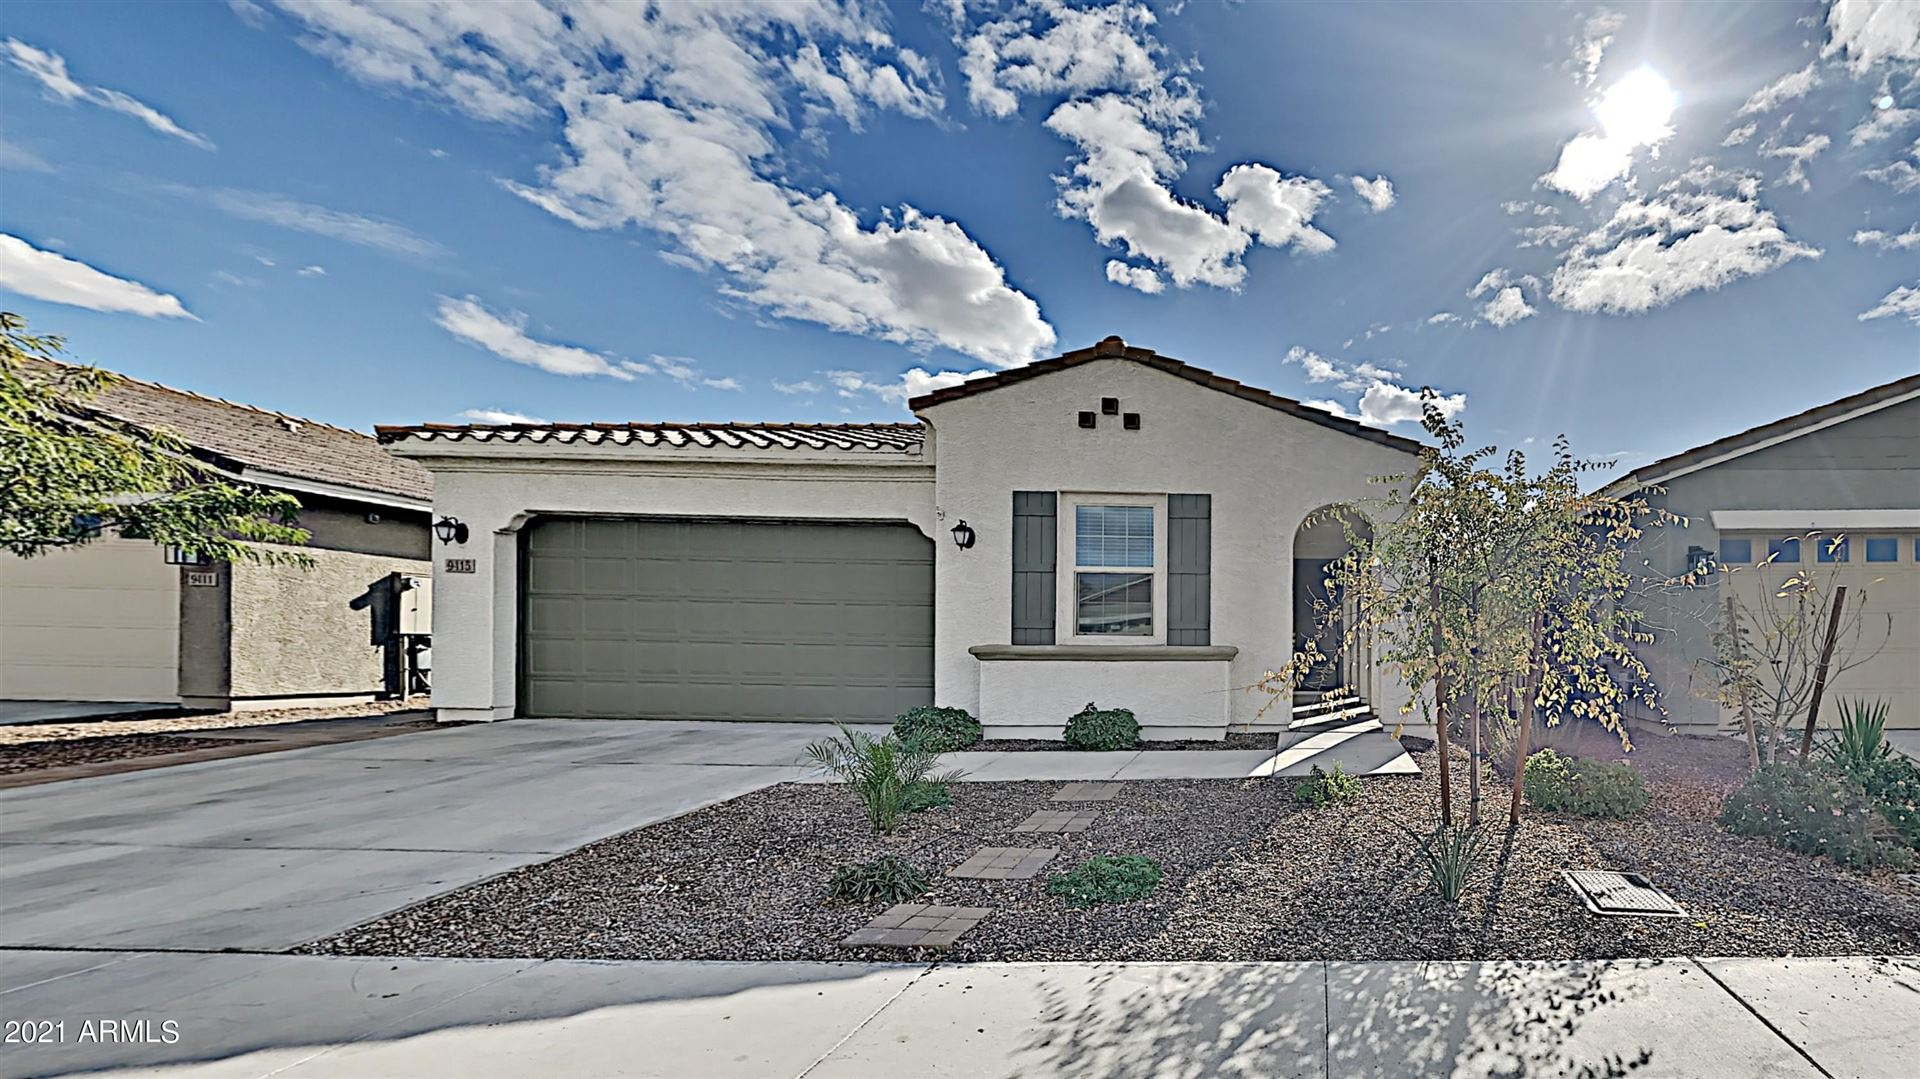 9415 W WILLOW BEND Lane, Phoenix, AZ 85037 - MLS#: 6184697